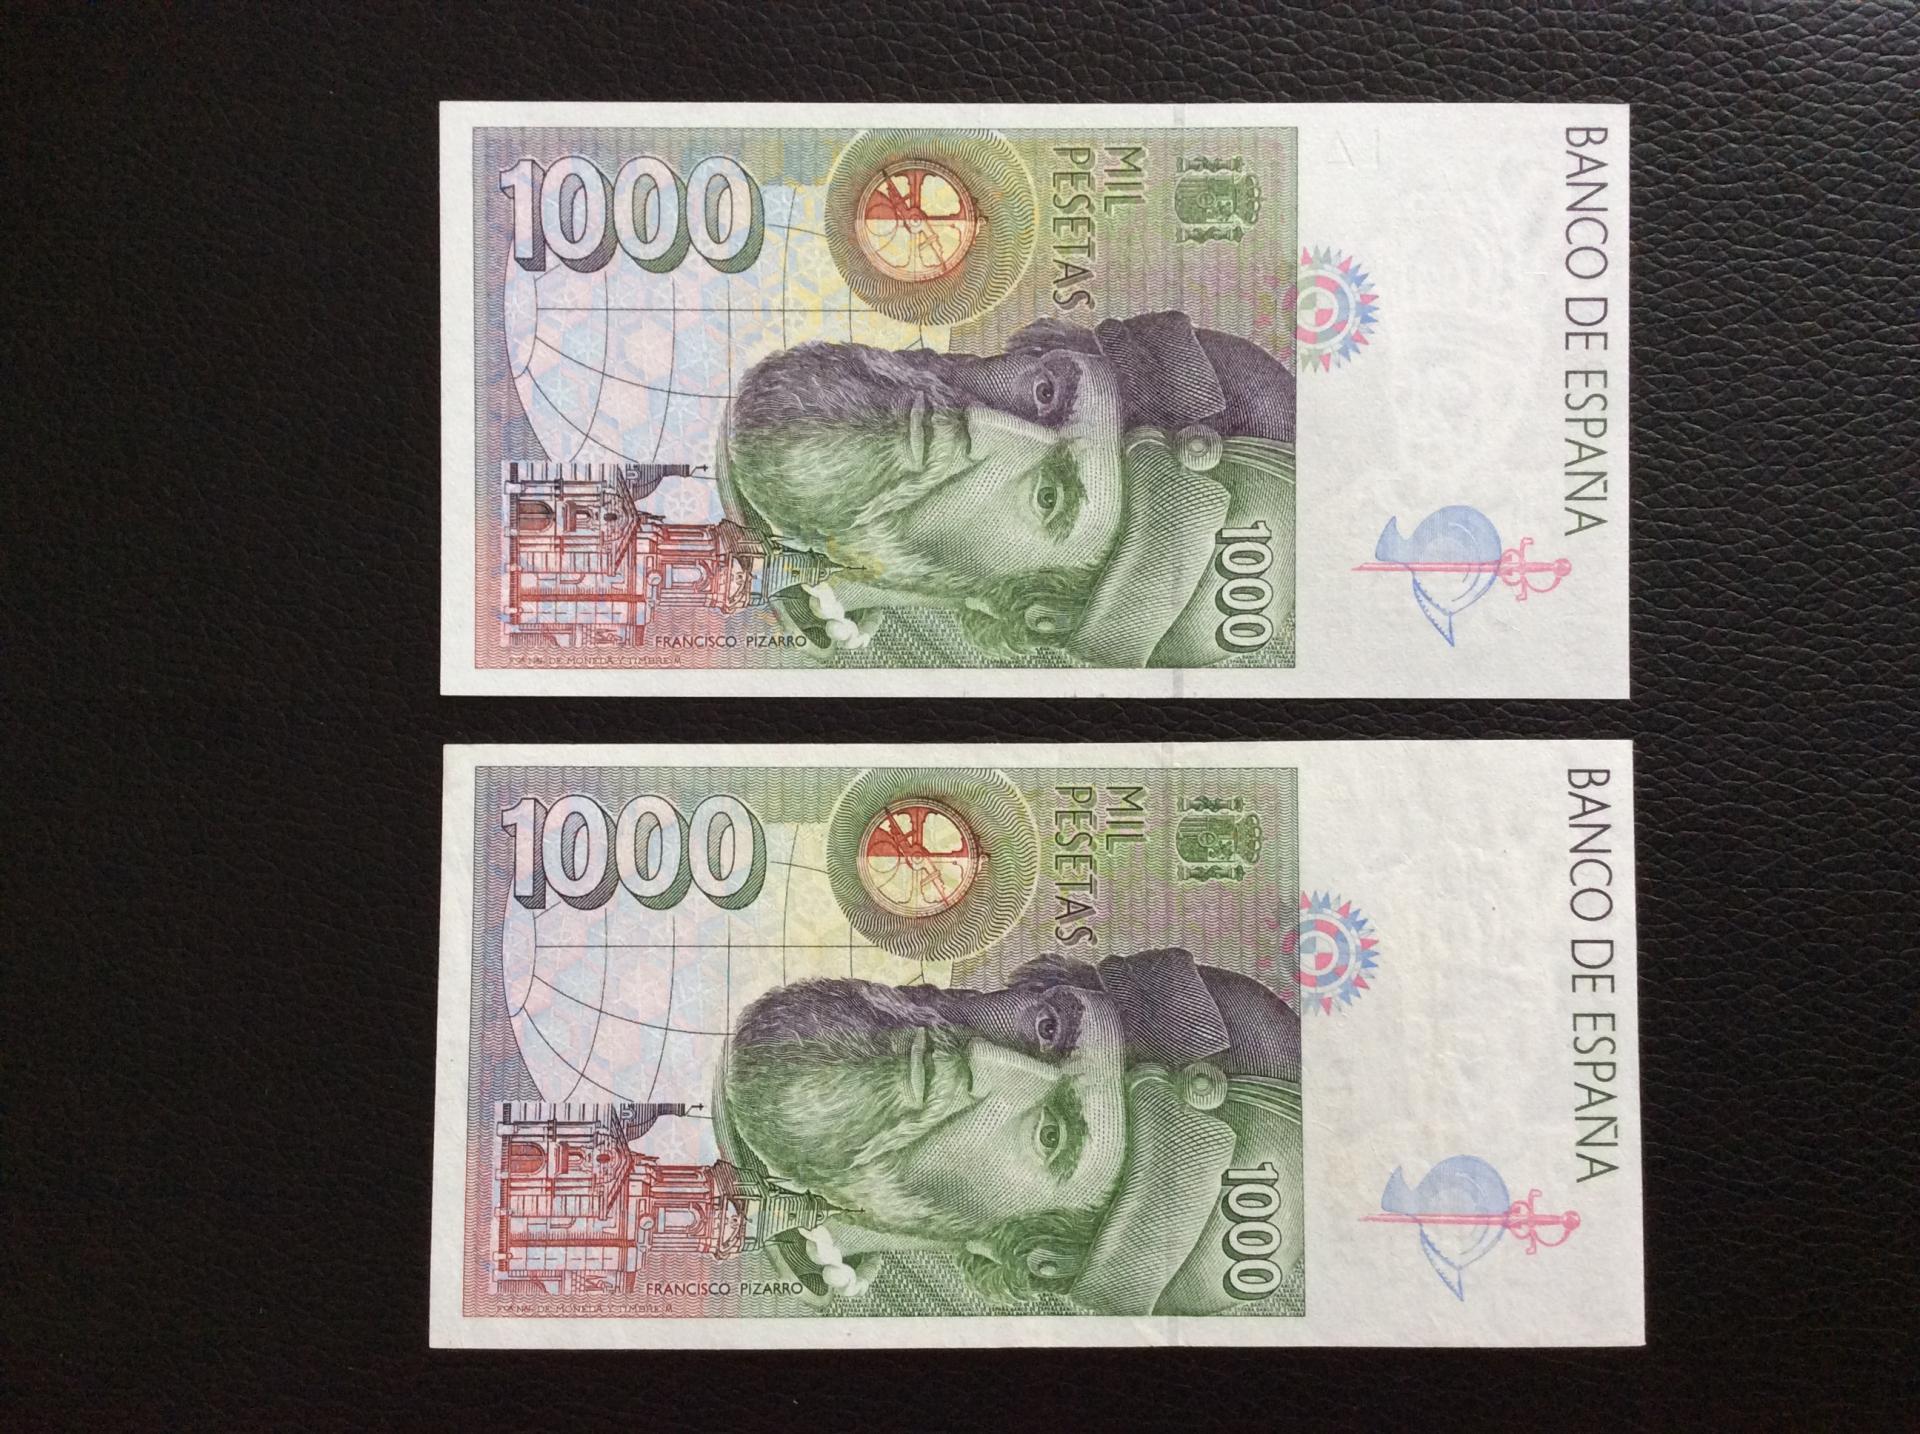 1000 PESETAS 1992 - PAREJA SIN CIRCULAR PLANCHA - HERNÁN CORTÉS